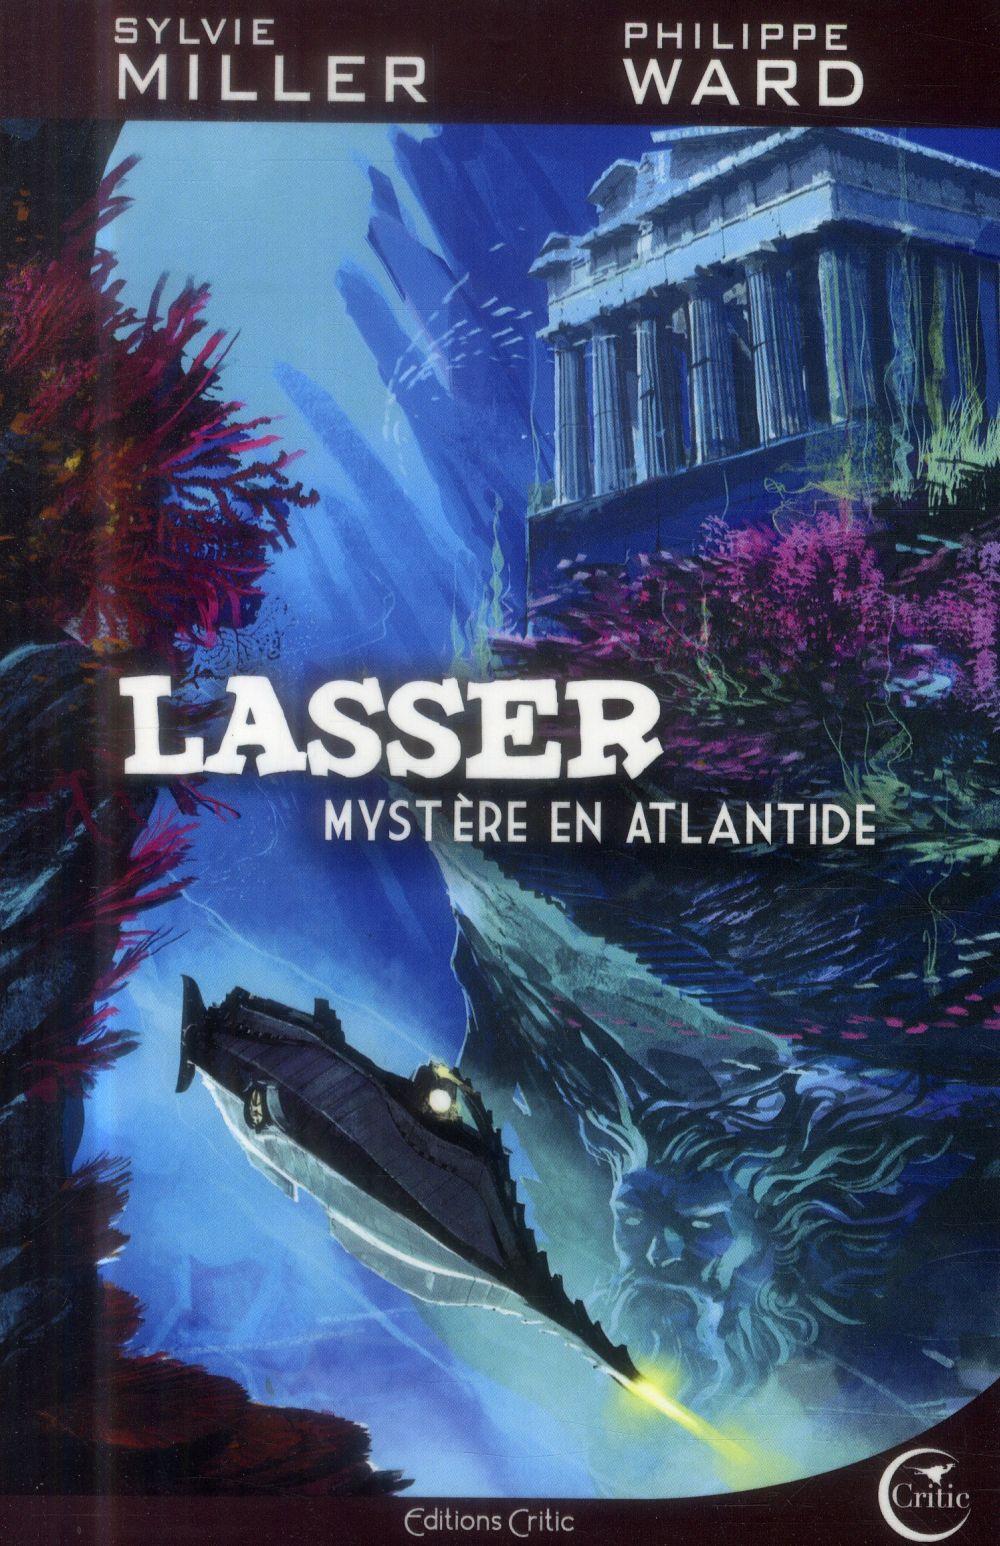 LASSER, DETECTIVE DES DIEUX - MYSTERE EN ATLANTIDE